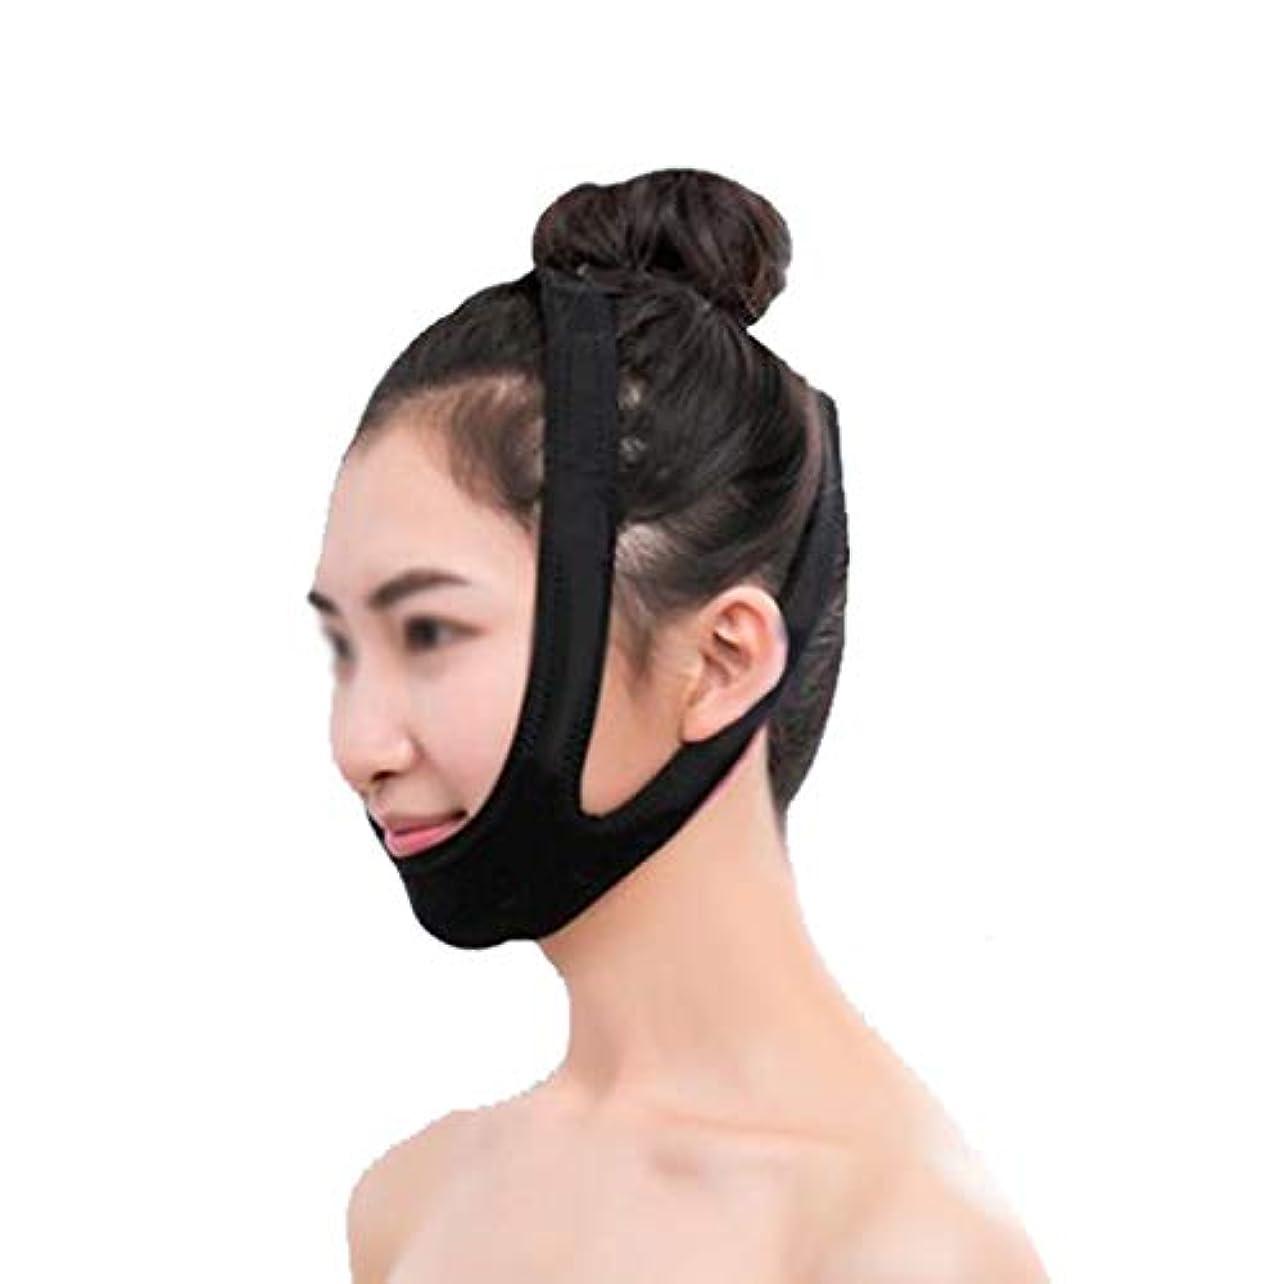 傭兵セッションバックグラウンドZWBD フェイスマスク, 薄いフェイスマスクフェイスリフトアーティファクトマスクVフェイスリフティングタイトな包帯女性ライン彫刻回復顔ダブル